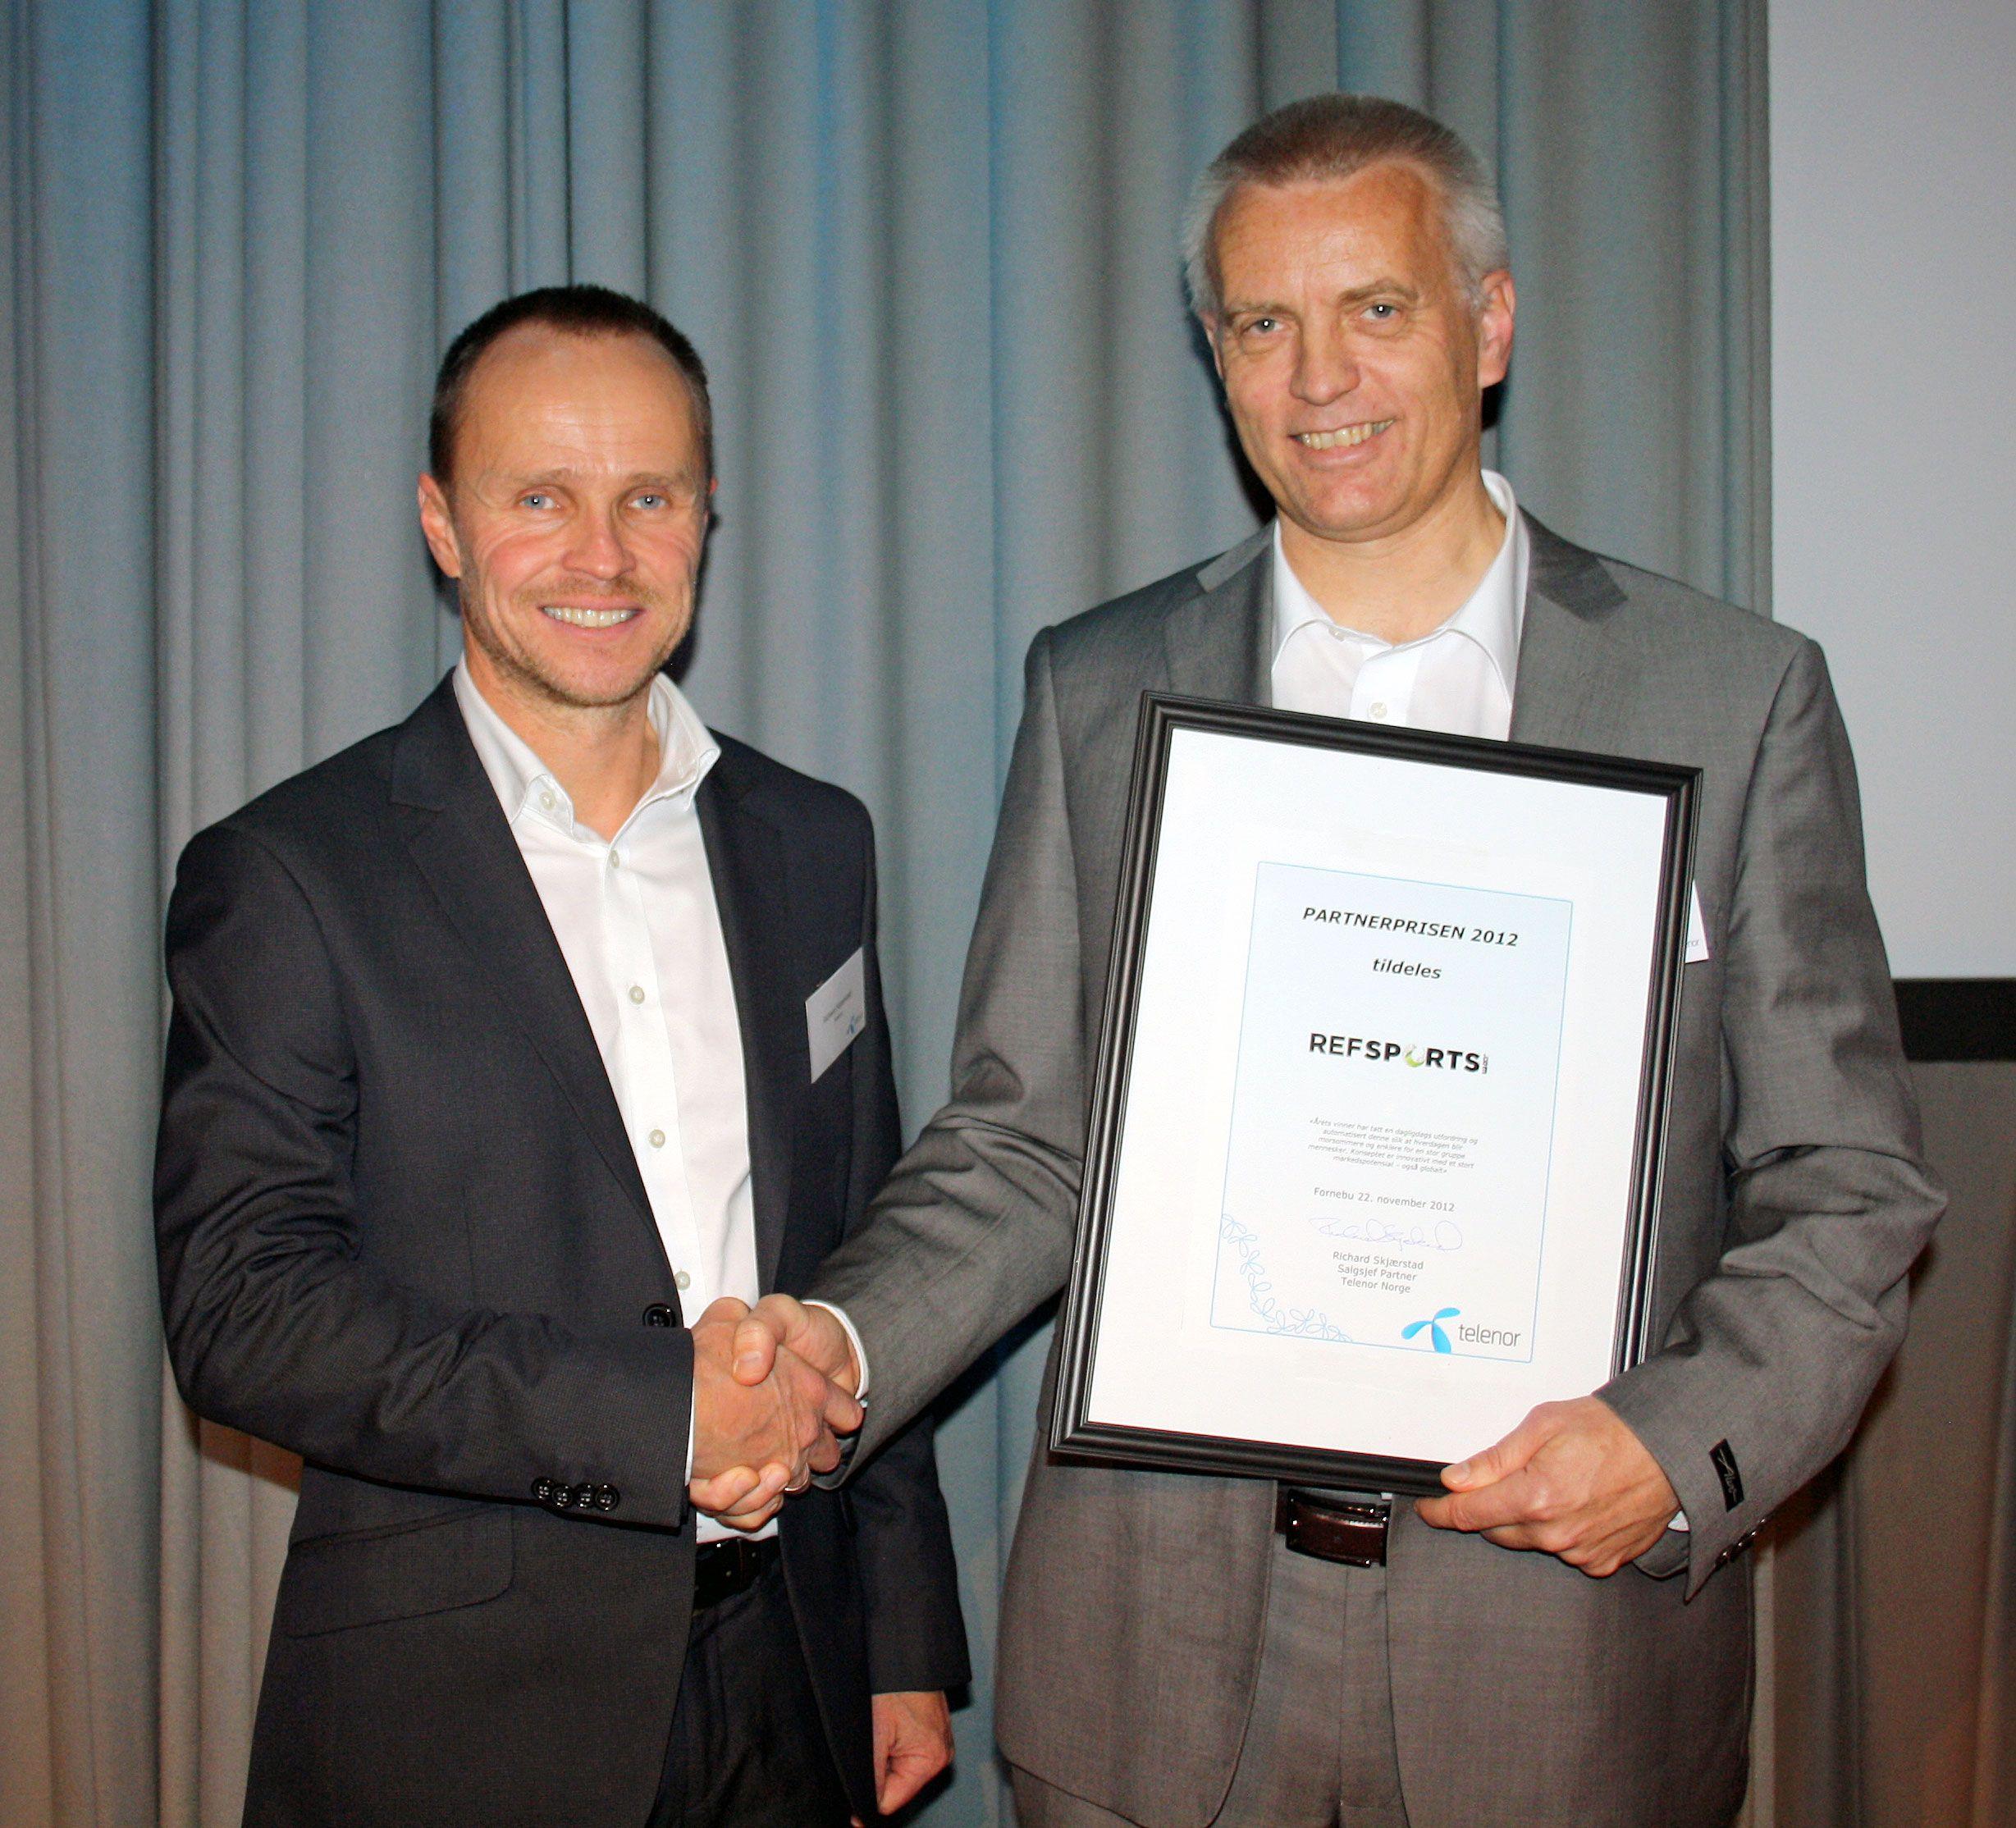 Til venstre: Richard Skjærstad, salgssjef Partner i Telenor Business, til høyre: Martin Eikeland, grunnlegger og daglig leder av RefSports.Foto: Telenor